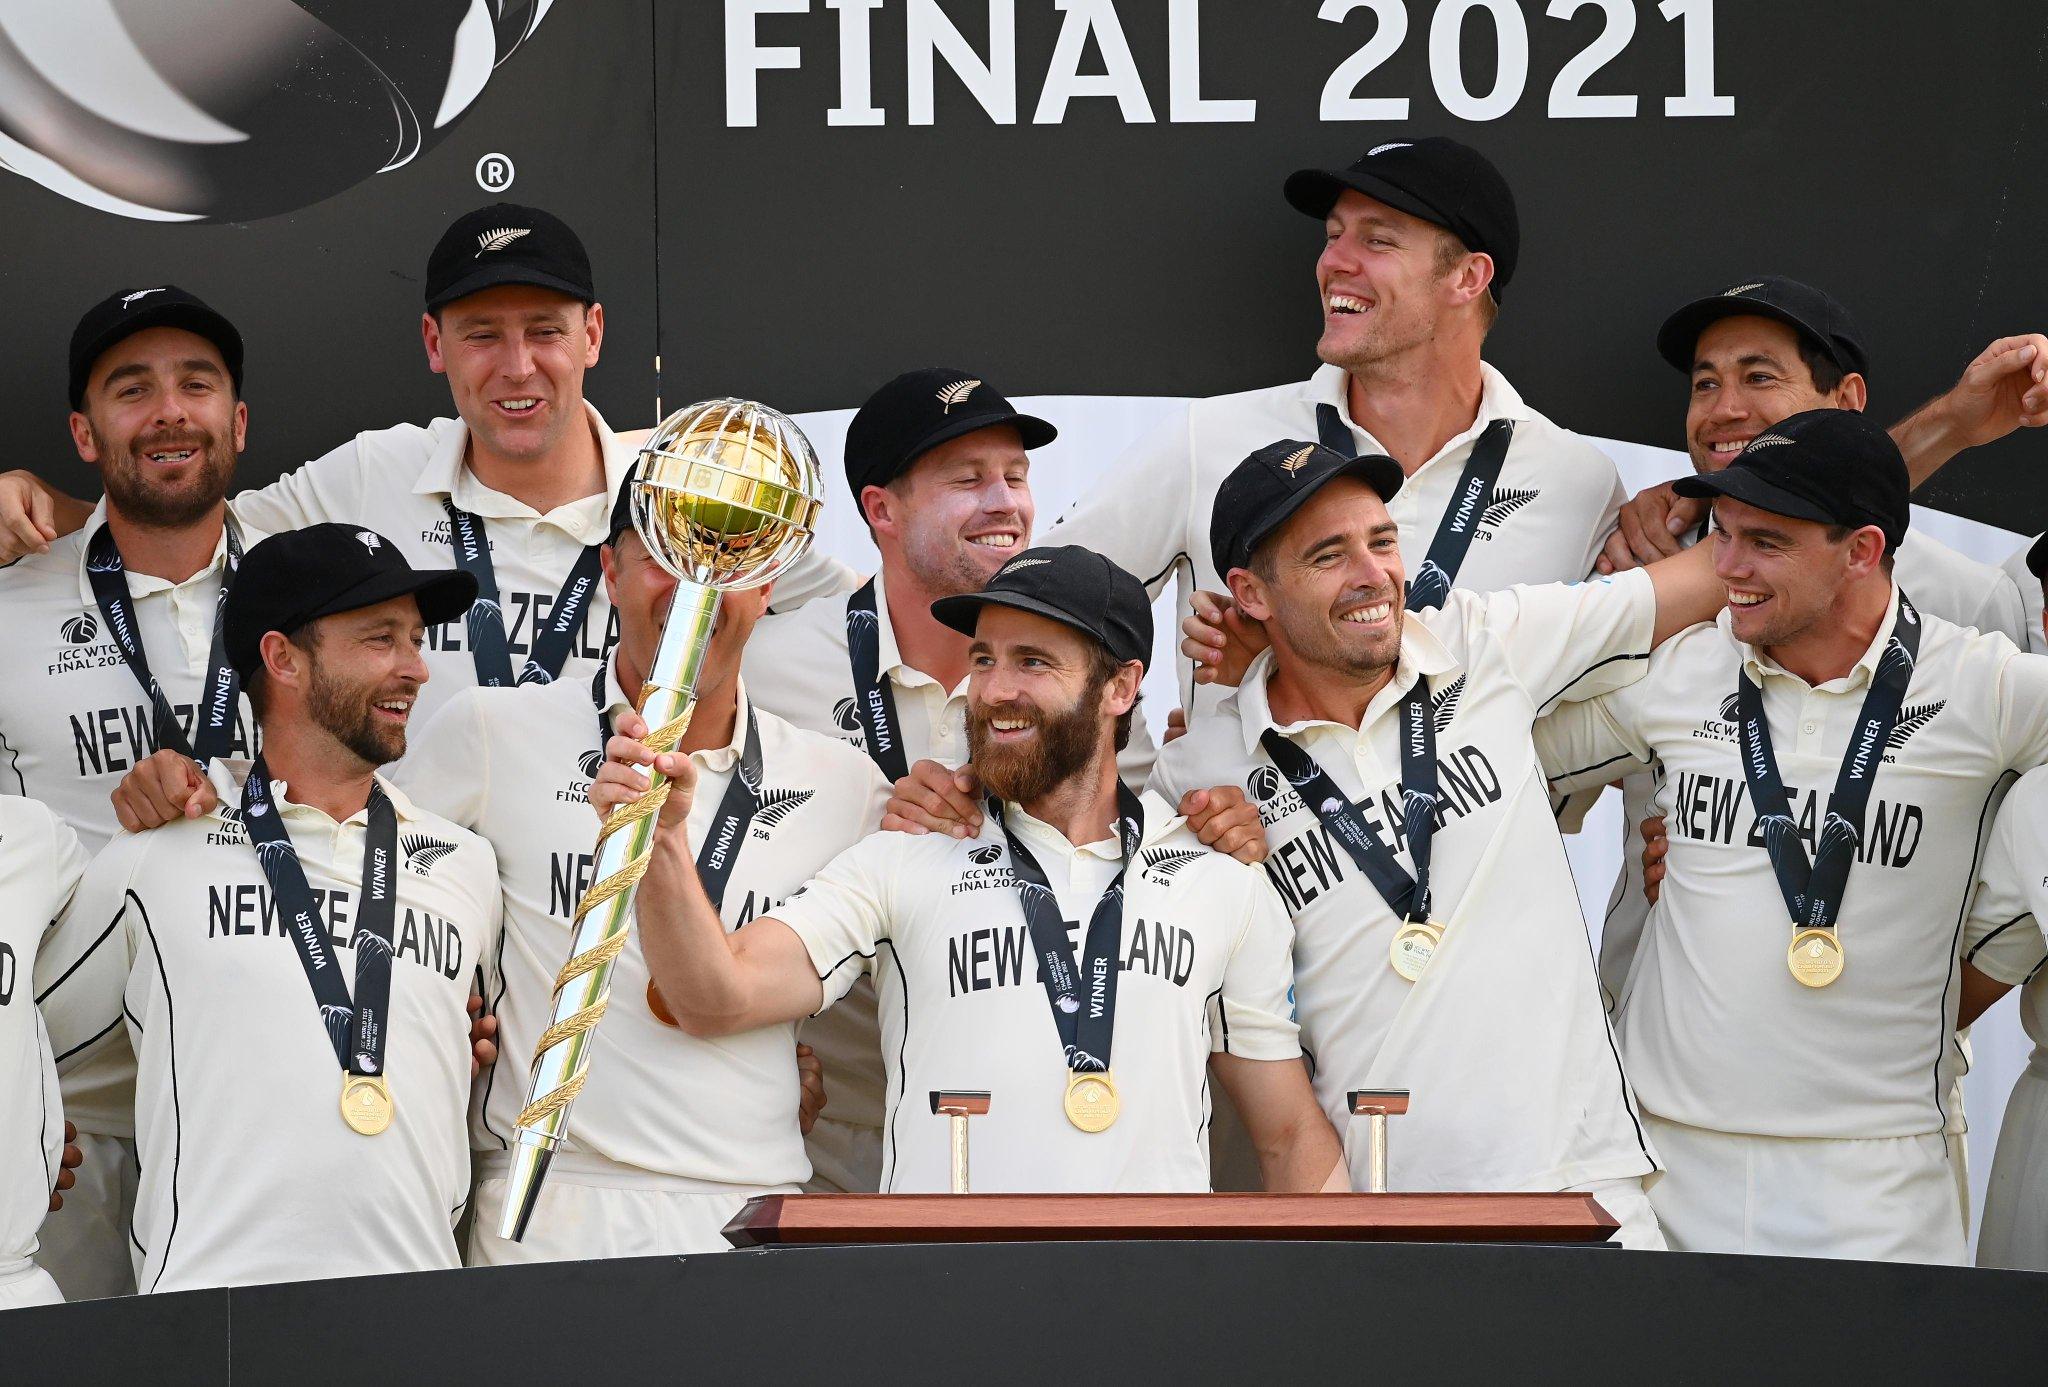 ICC वर्ल्ड टेस्ट चैंपियनशिप गदा के साथ न्यूजीलैंड टीम।